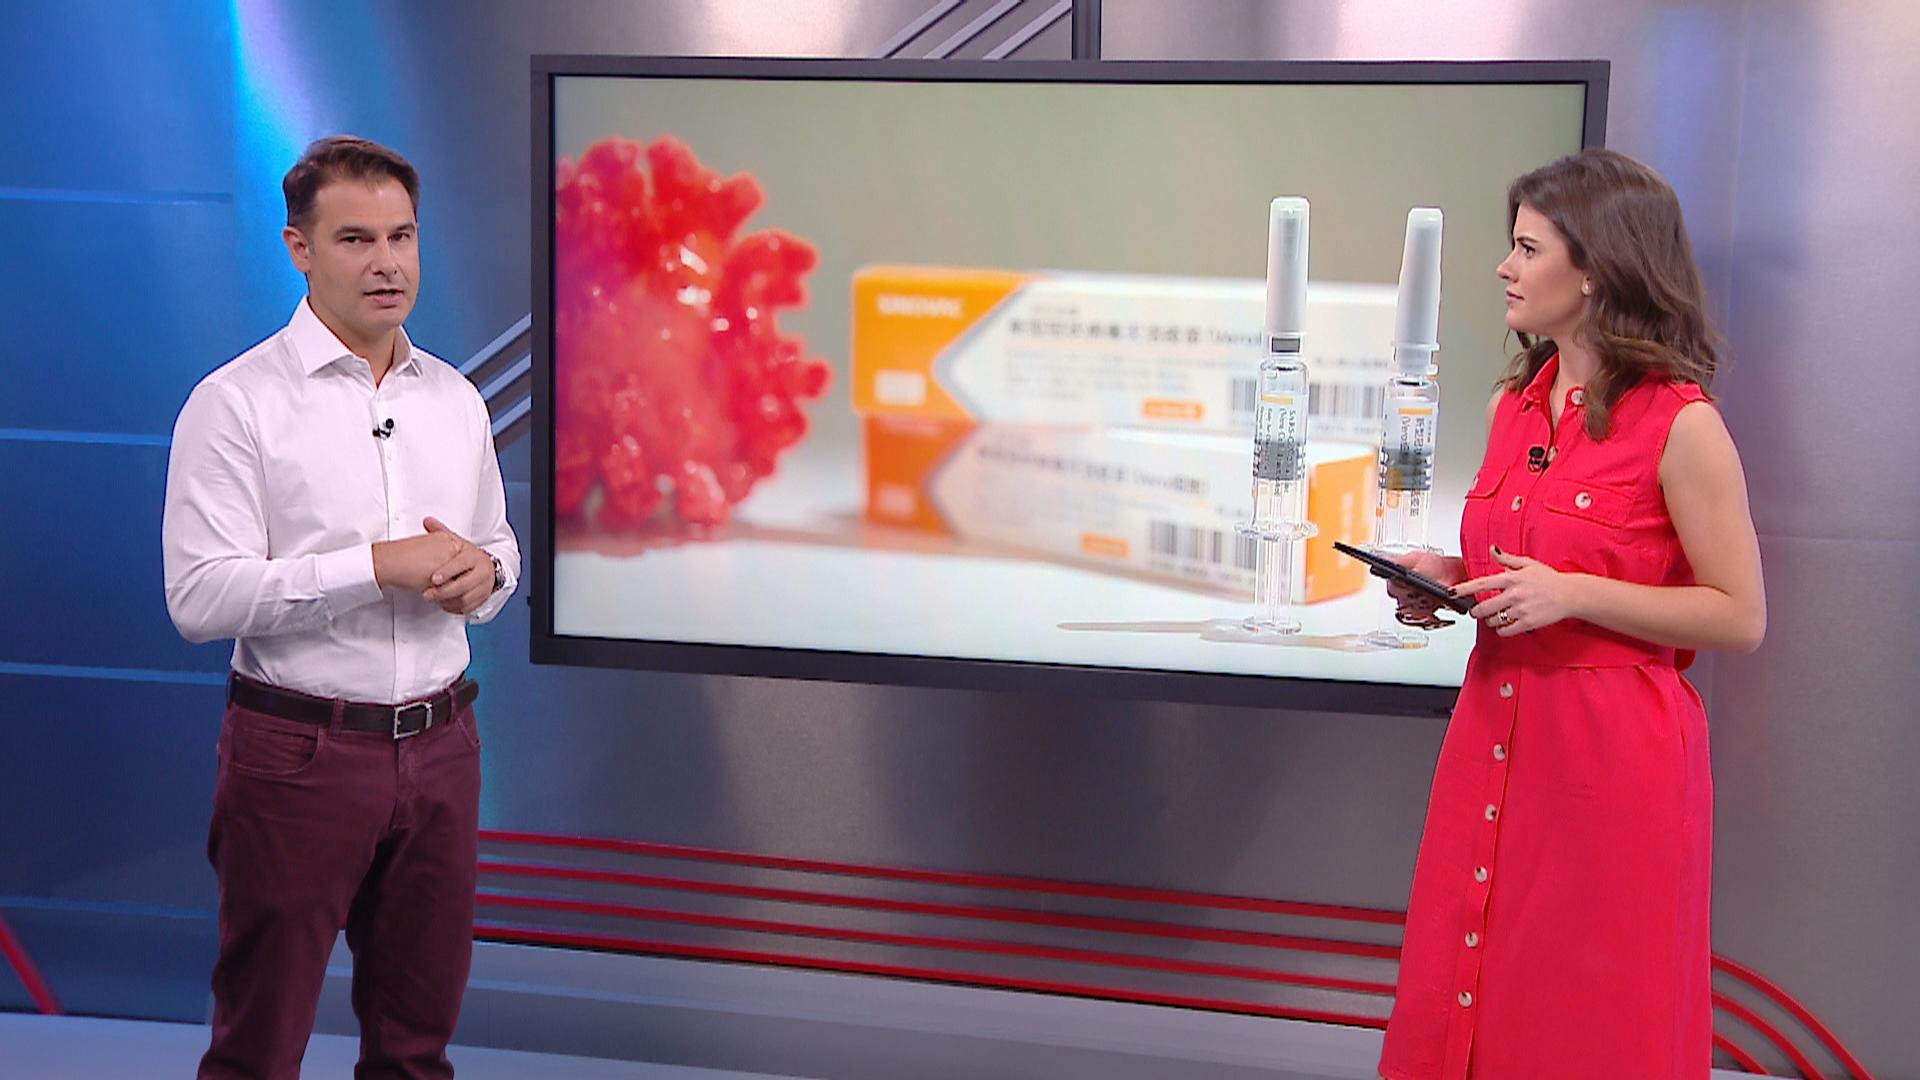 Correspondente Médico: Como funciona a terceira fase de testes da Coronavac?